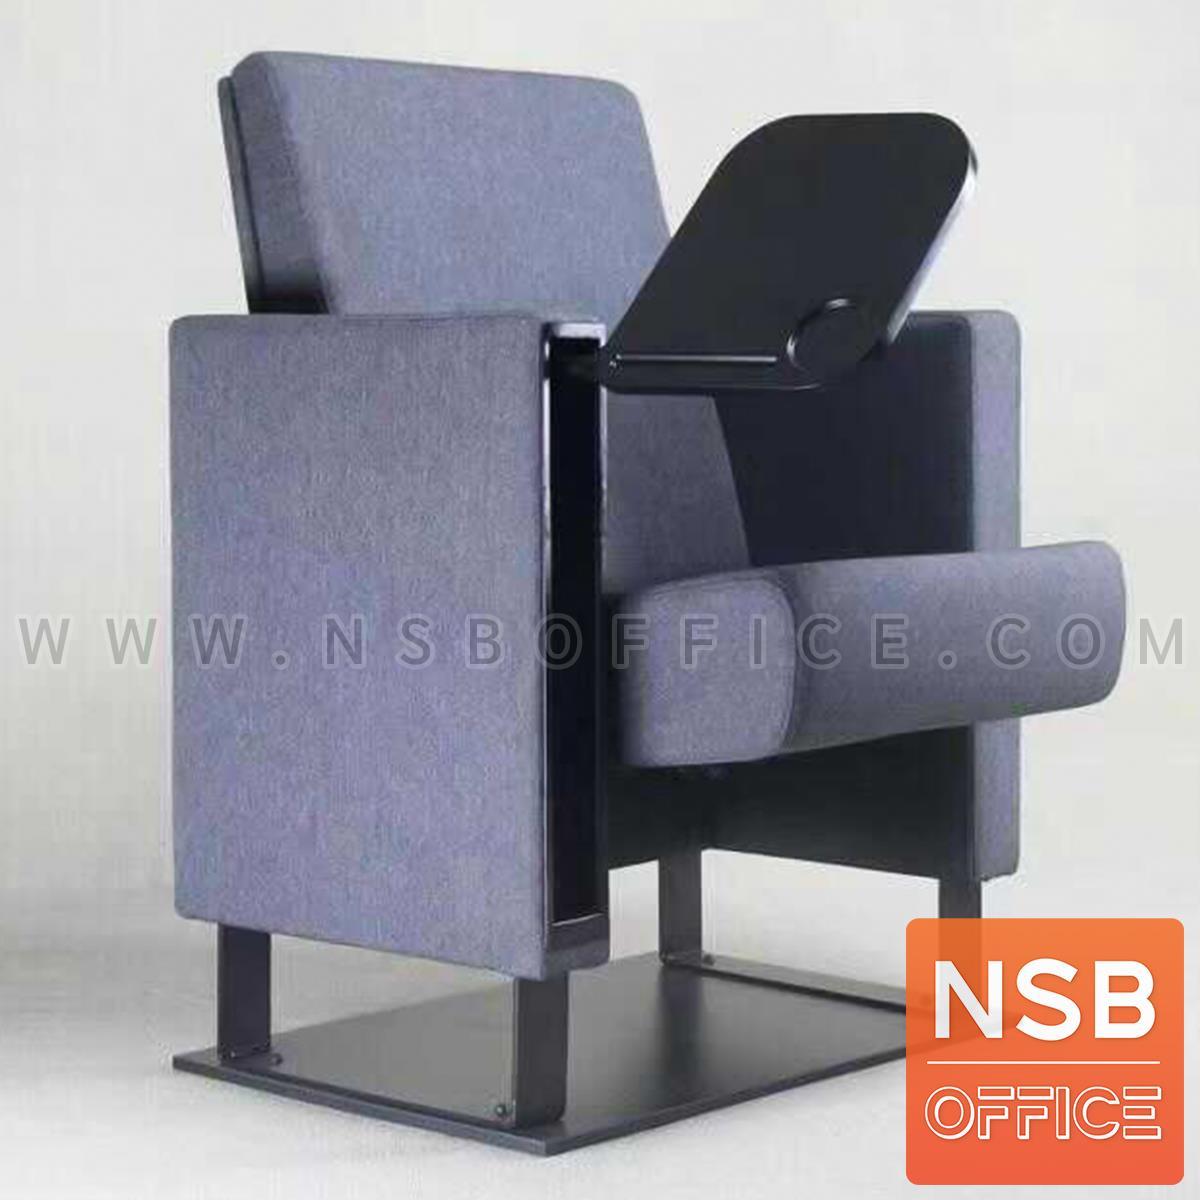 B19A009:เก้าอี้หอประชุมแผ่นเลคเชอร์ รุ่น Fabelle (ฟาเบลล์)  หุ้มผ้า ที่นั่งพับได้